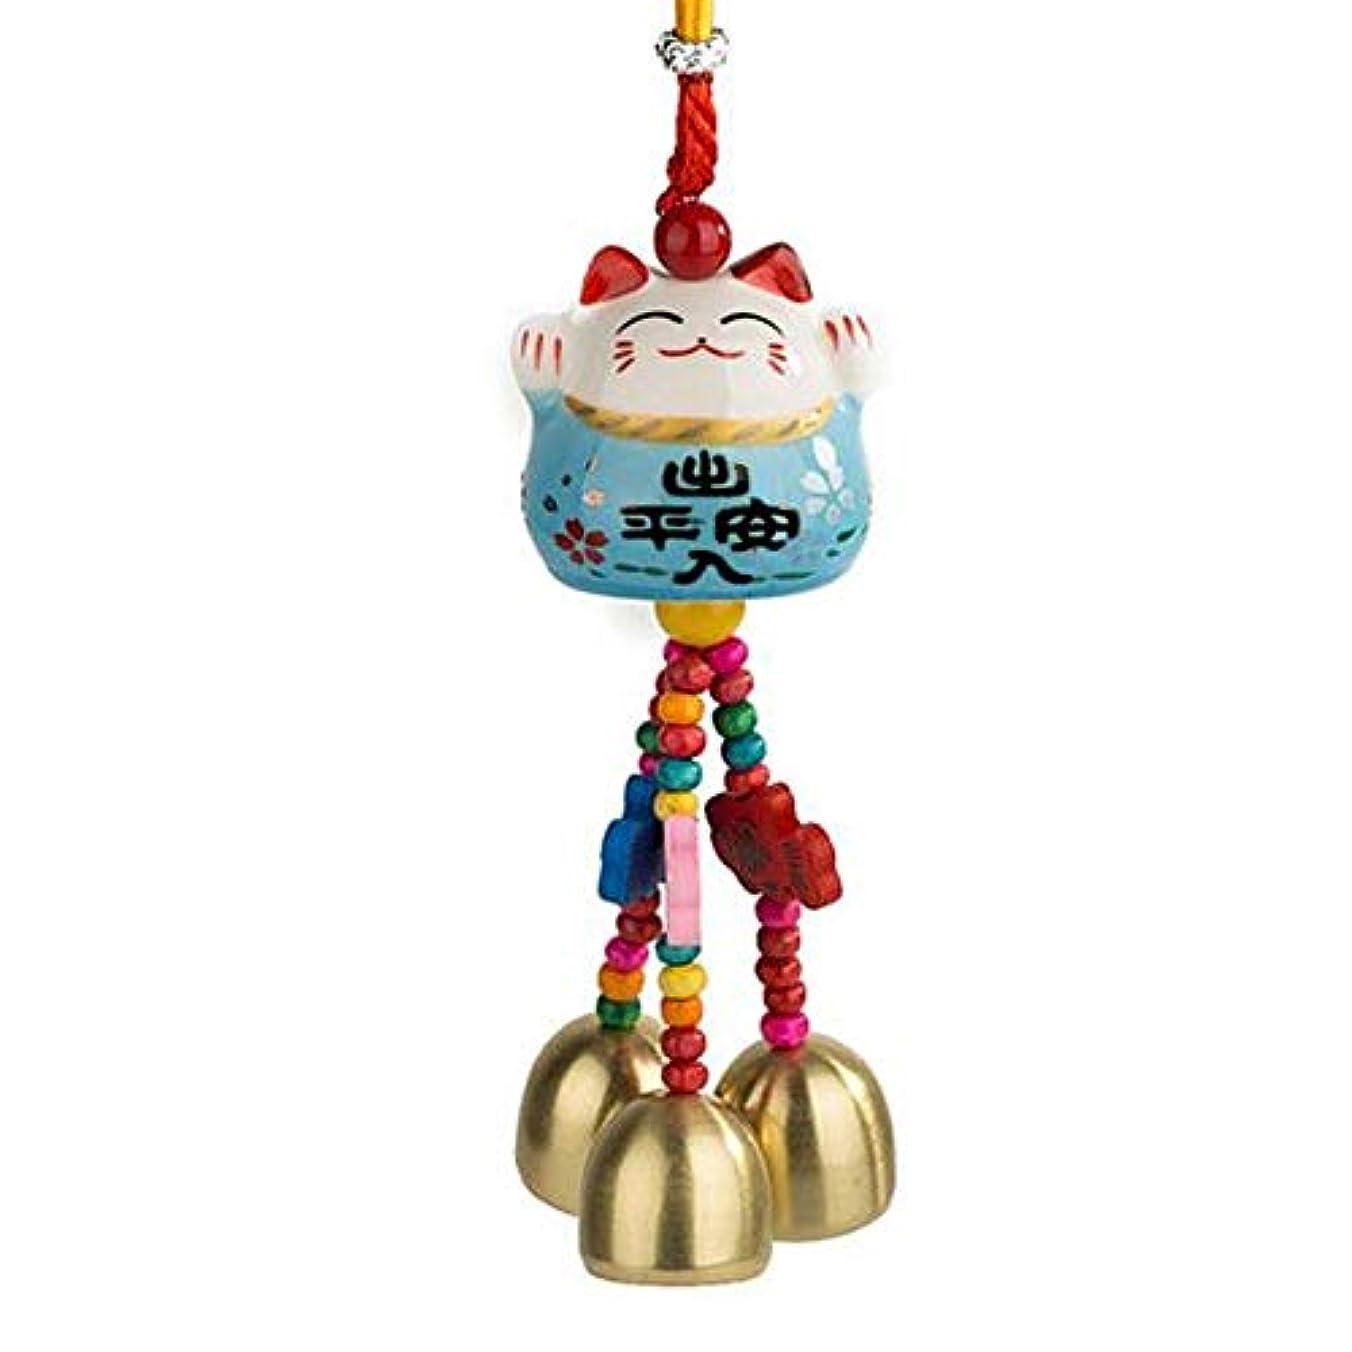 離す思いやりのあるノベルティChengjinxiang 風チャイム、かわいいクリエイティブセラミック猫風の鐘、ブルー、ロング28センチメートル,クリエイティブギフト (Color : Blue)